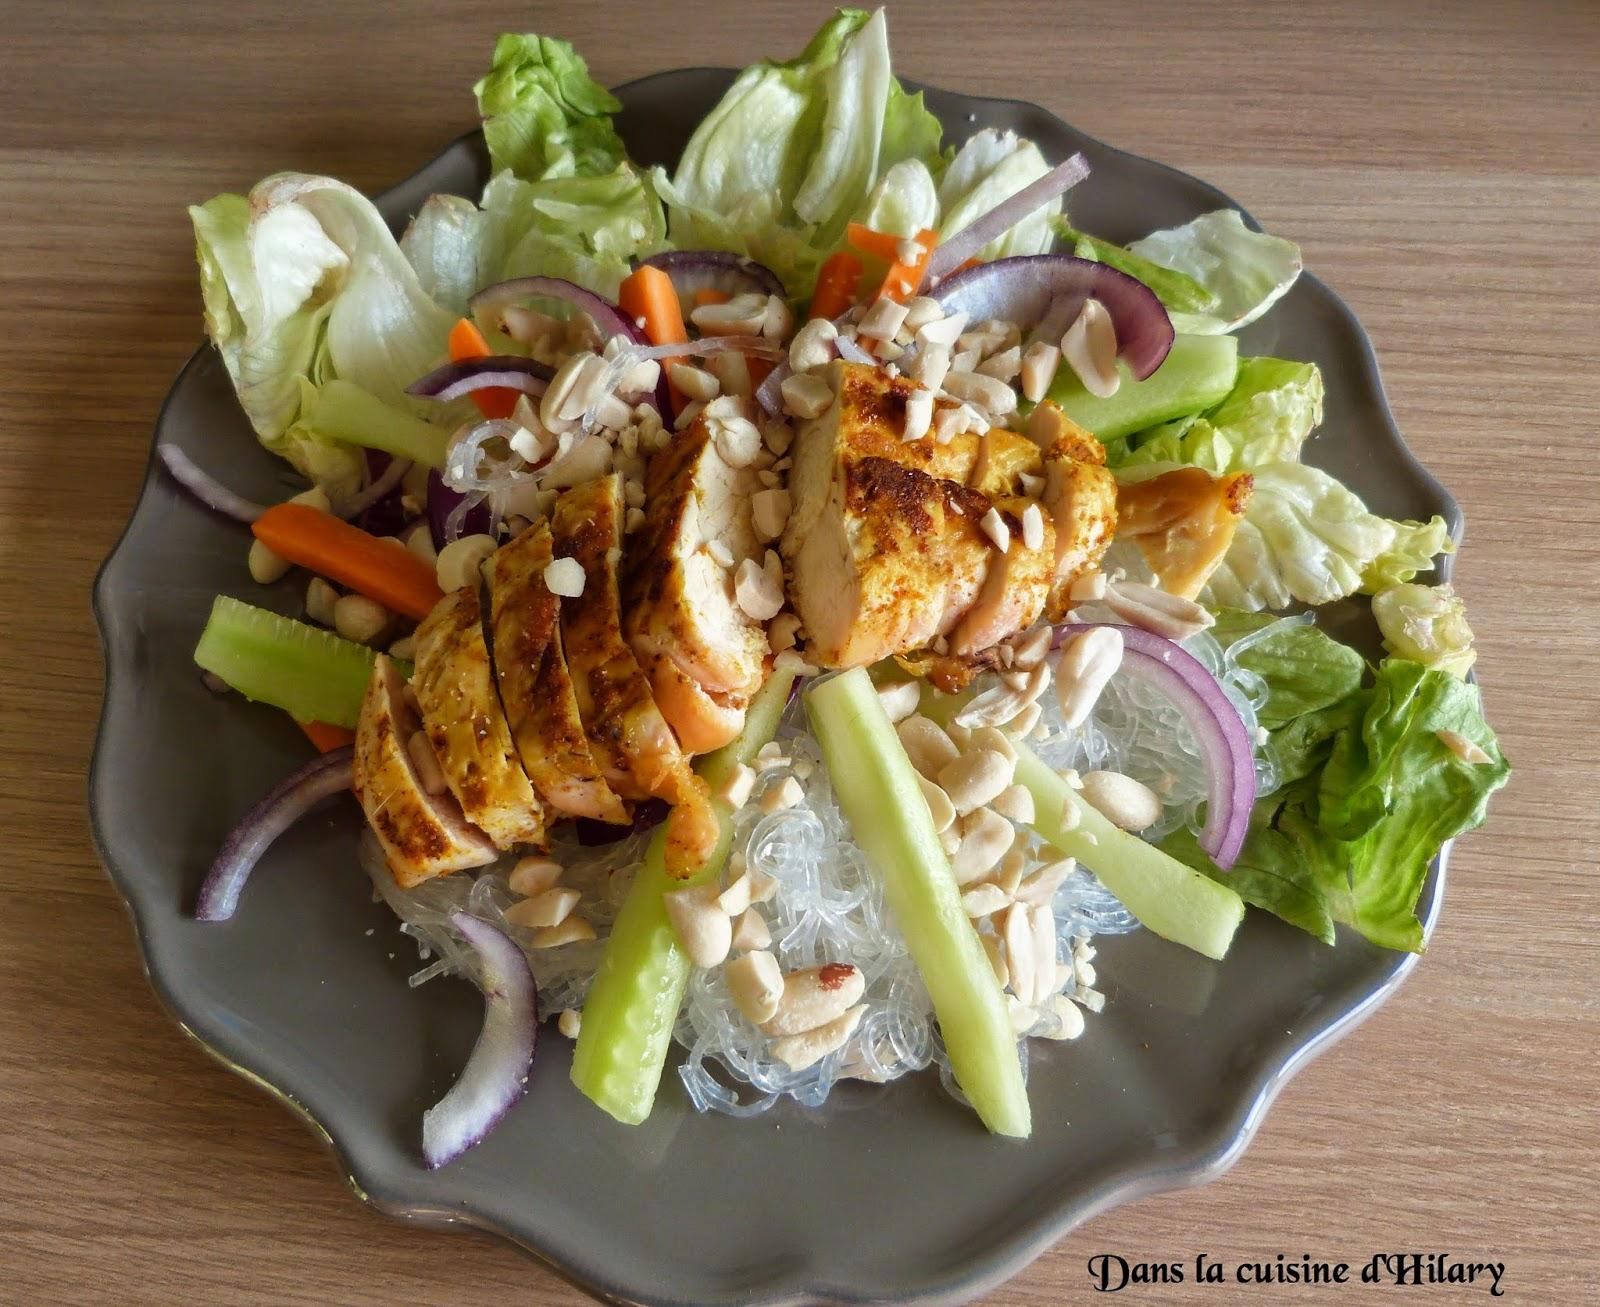 dans la cuisine d 39 hilary salade de poulet la tha e chicken thai salad. Black Bedroom Furniture Sets. Home Design Ideas